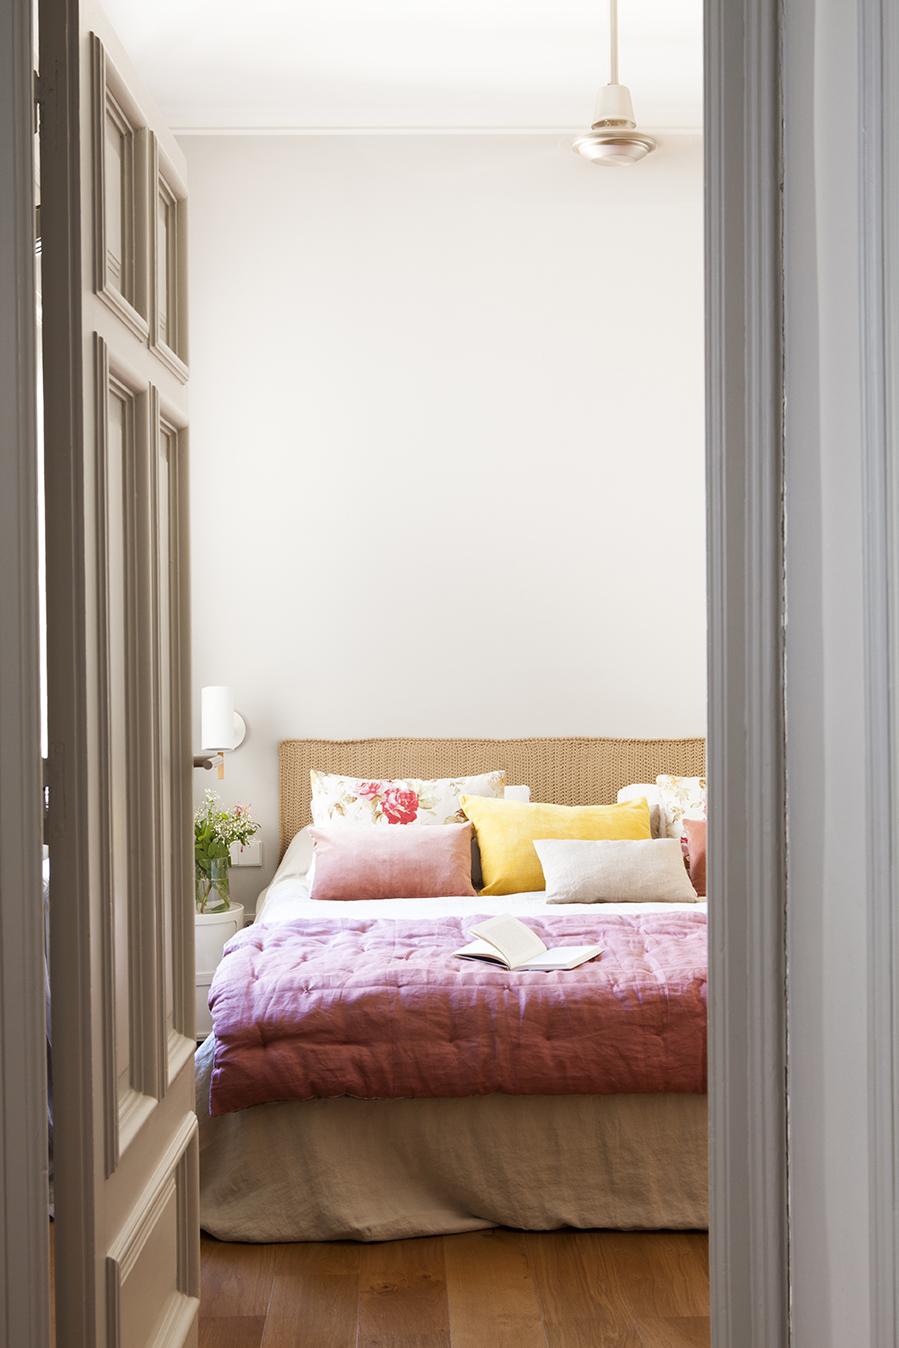 16 trucos para decorar tu dormitorio y dormir mejor - Cabeceros con cojines ...